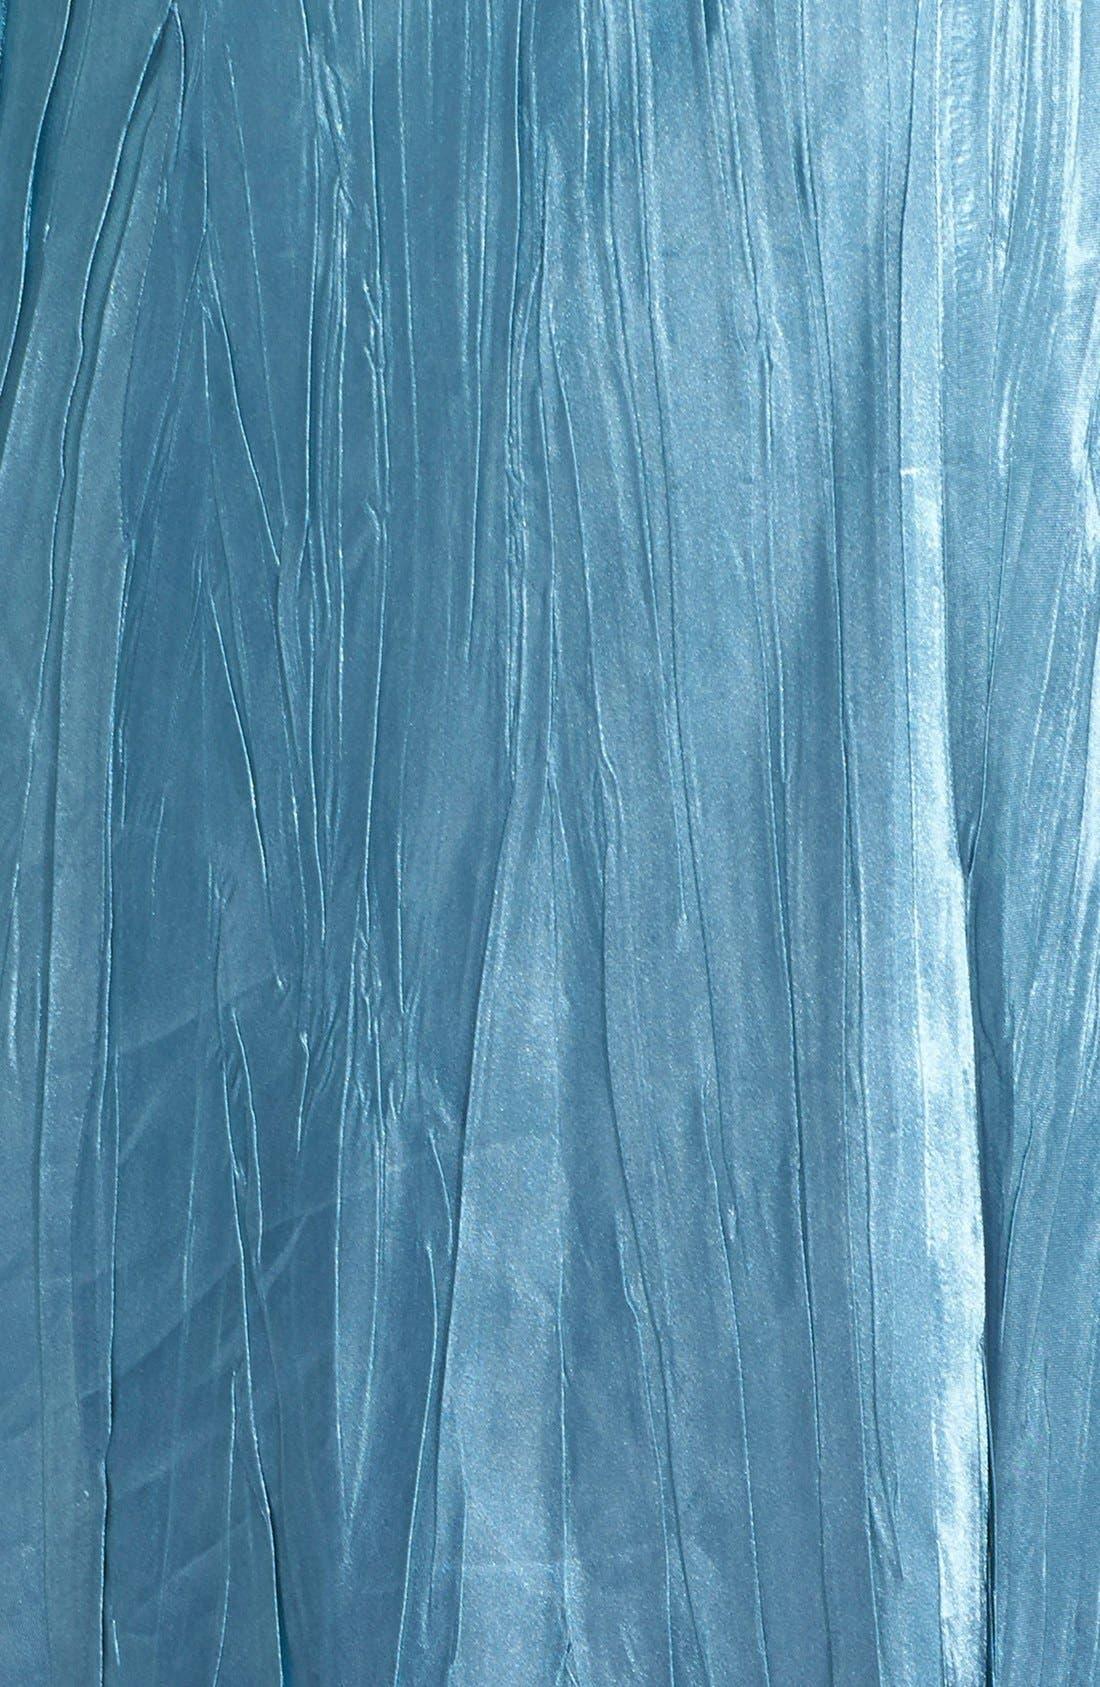 Alternate Image 4  - Komarov Embellished Charmeuse & Chiffon Dress with Jacket (Plus Size)